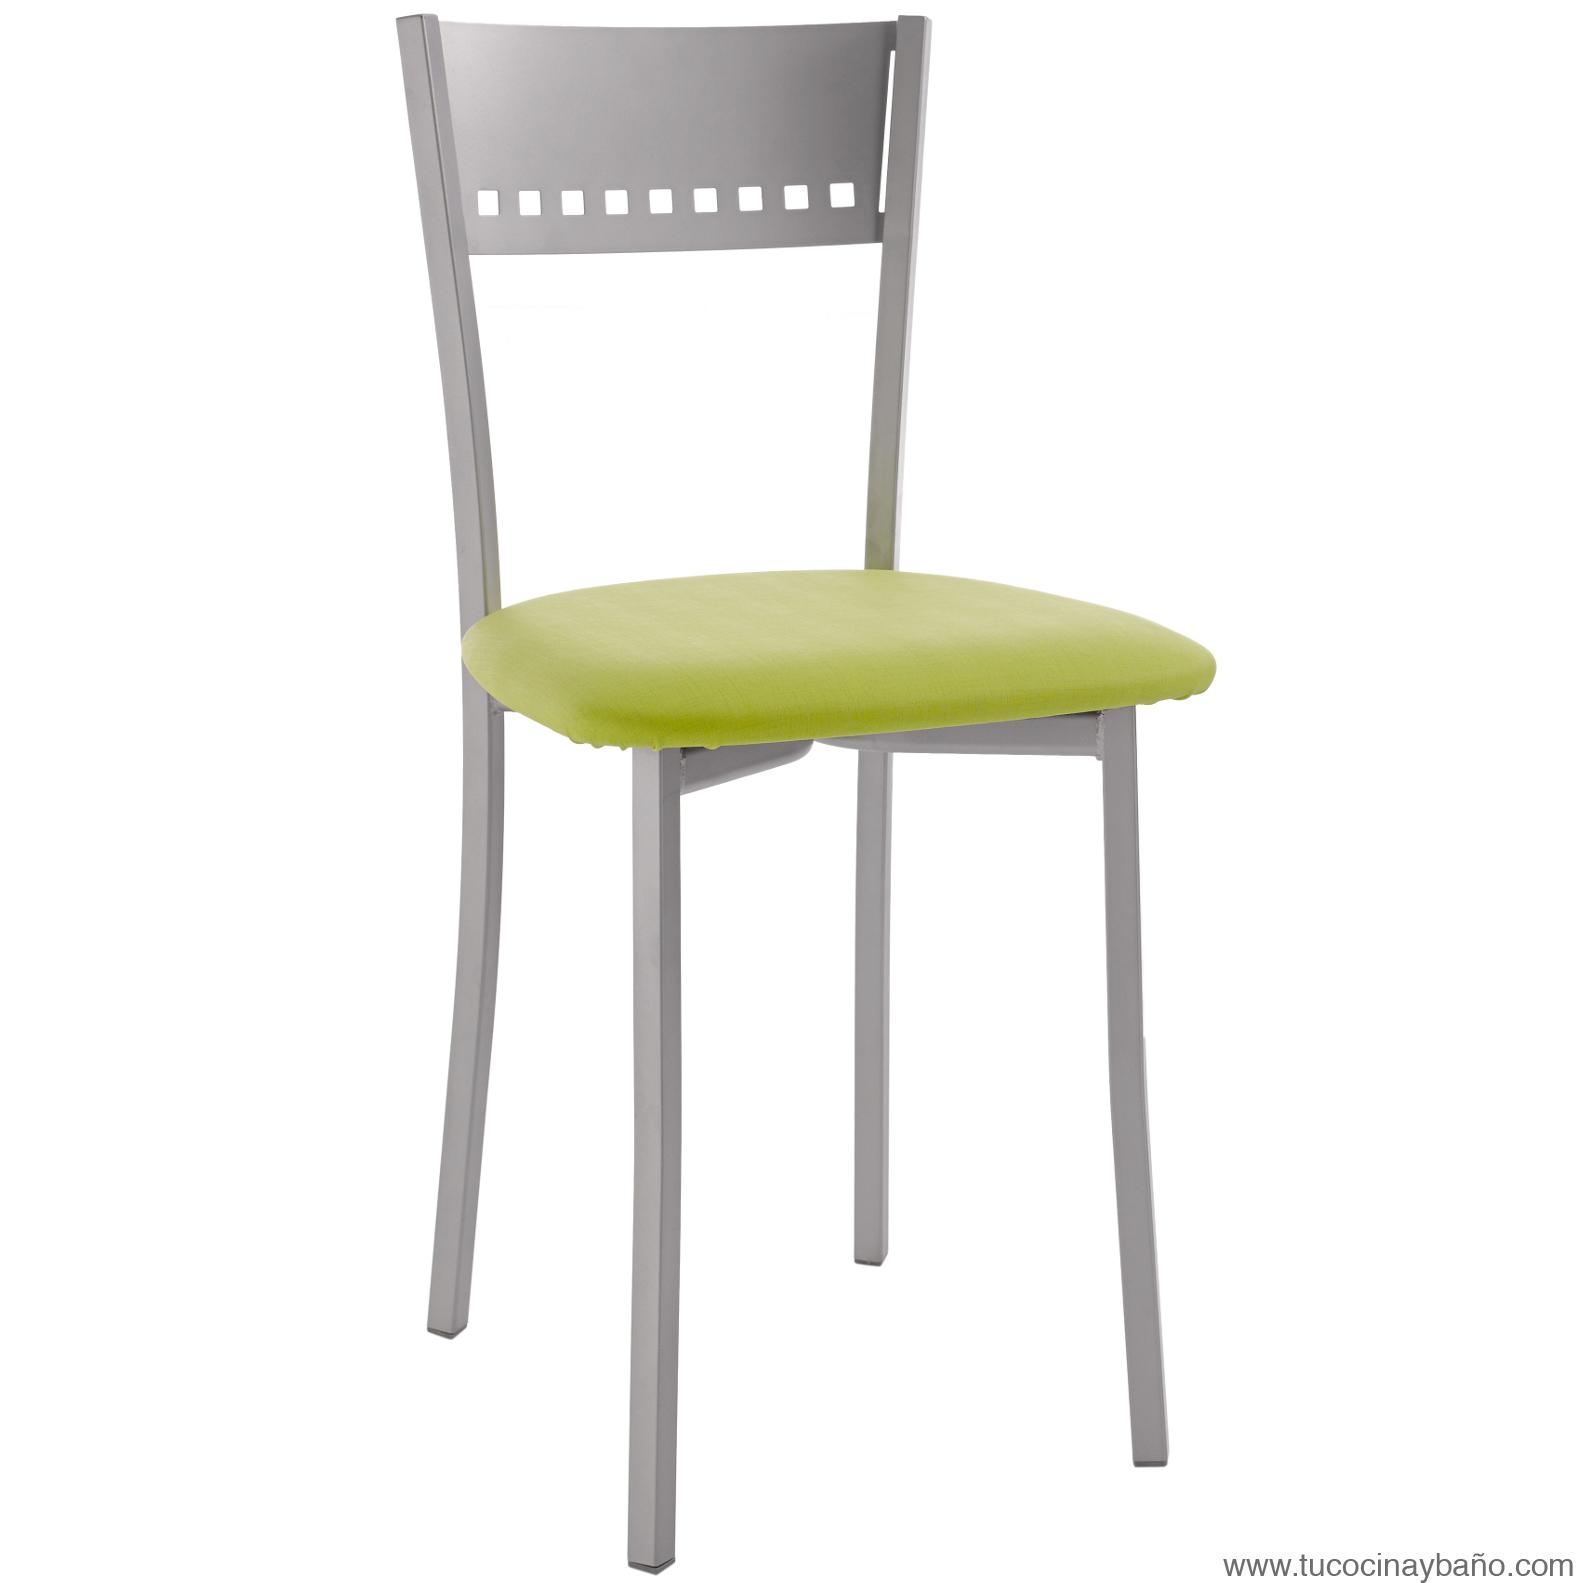 Hermoso sillas de cocina baratas galer a de im genes for Precios de mesas de cocina